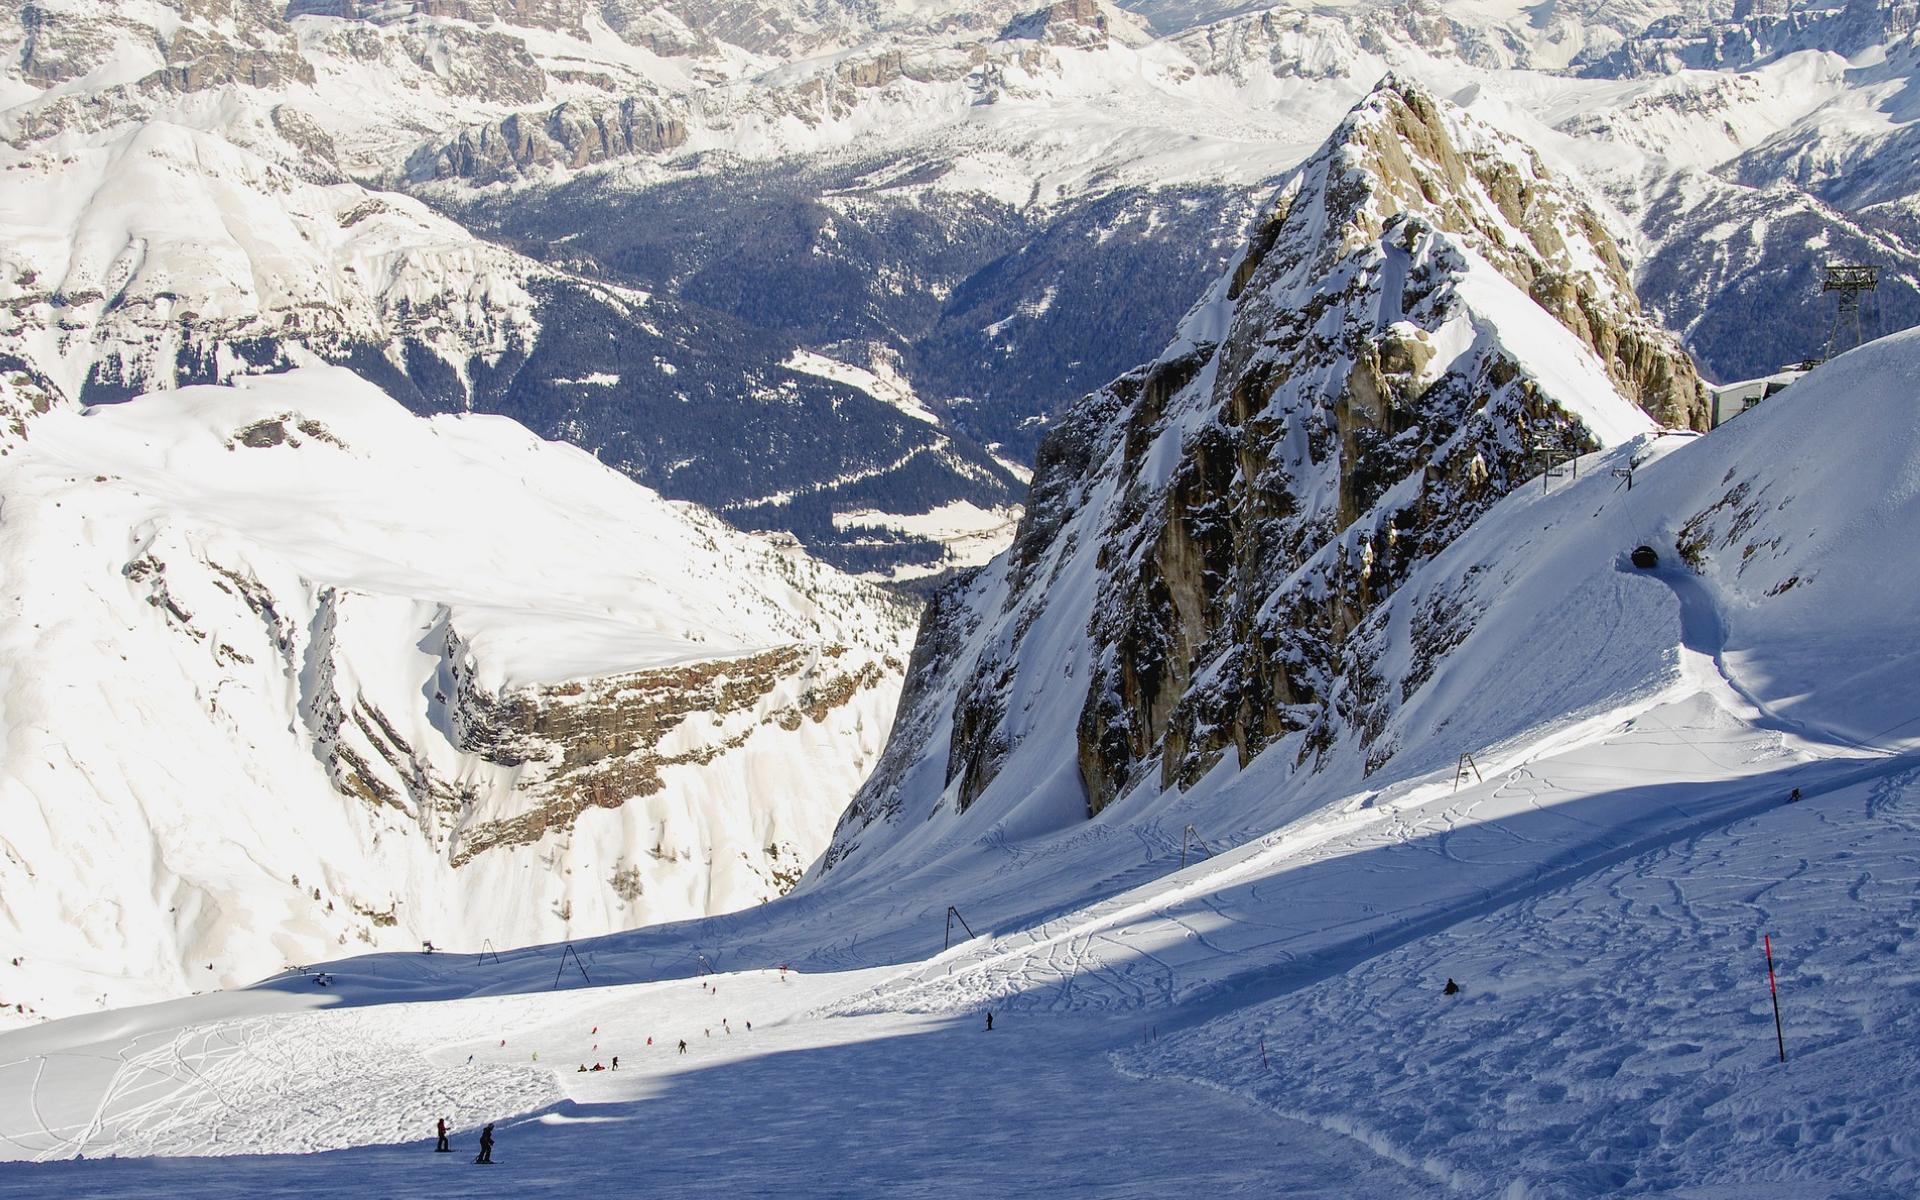 Ou skier dans les alpes italiennes